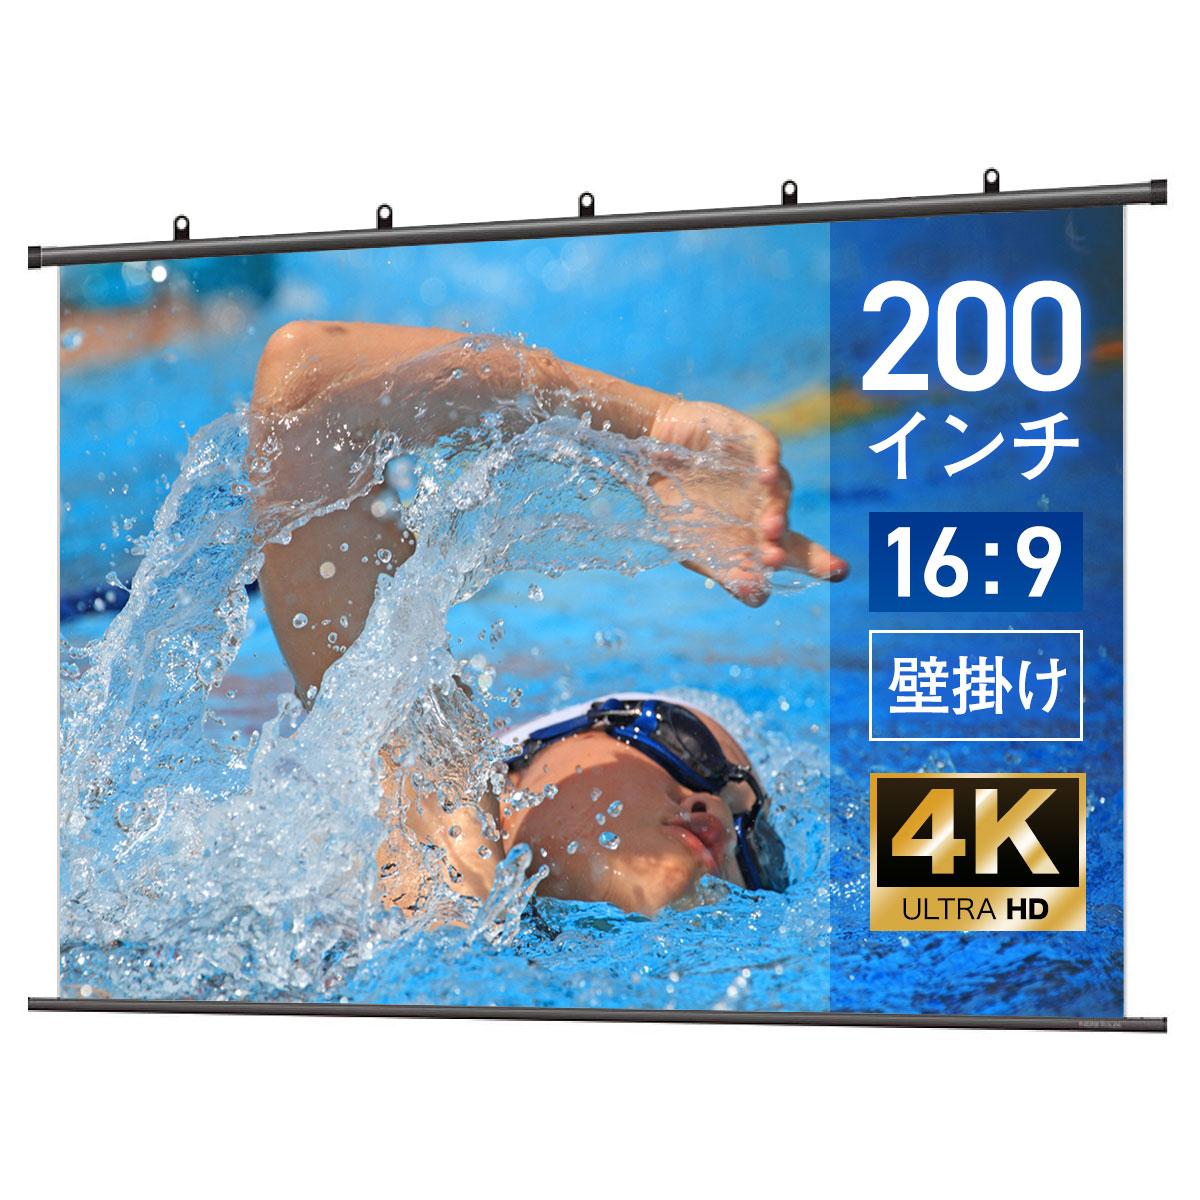 シアターハウス 4K対応 プロジェクタースクリーン 200インチ ワイド(16:9) タペストリー(掛け軸)タイプ BTP4430WEH